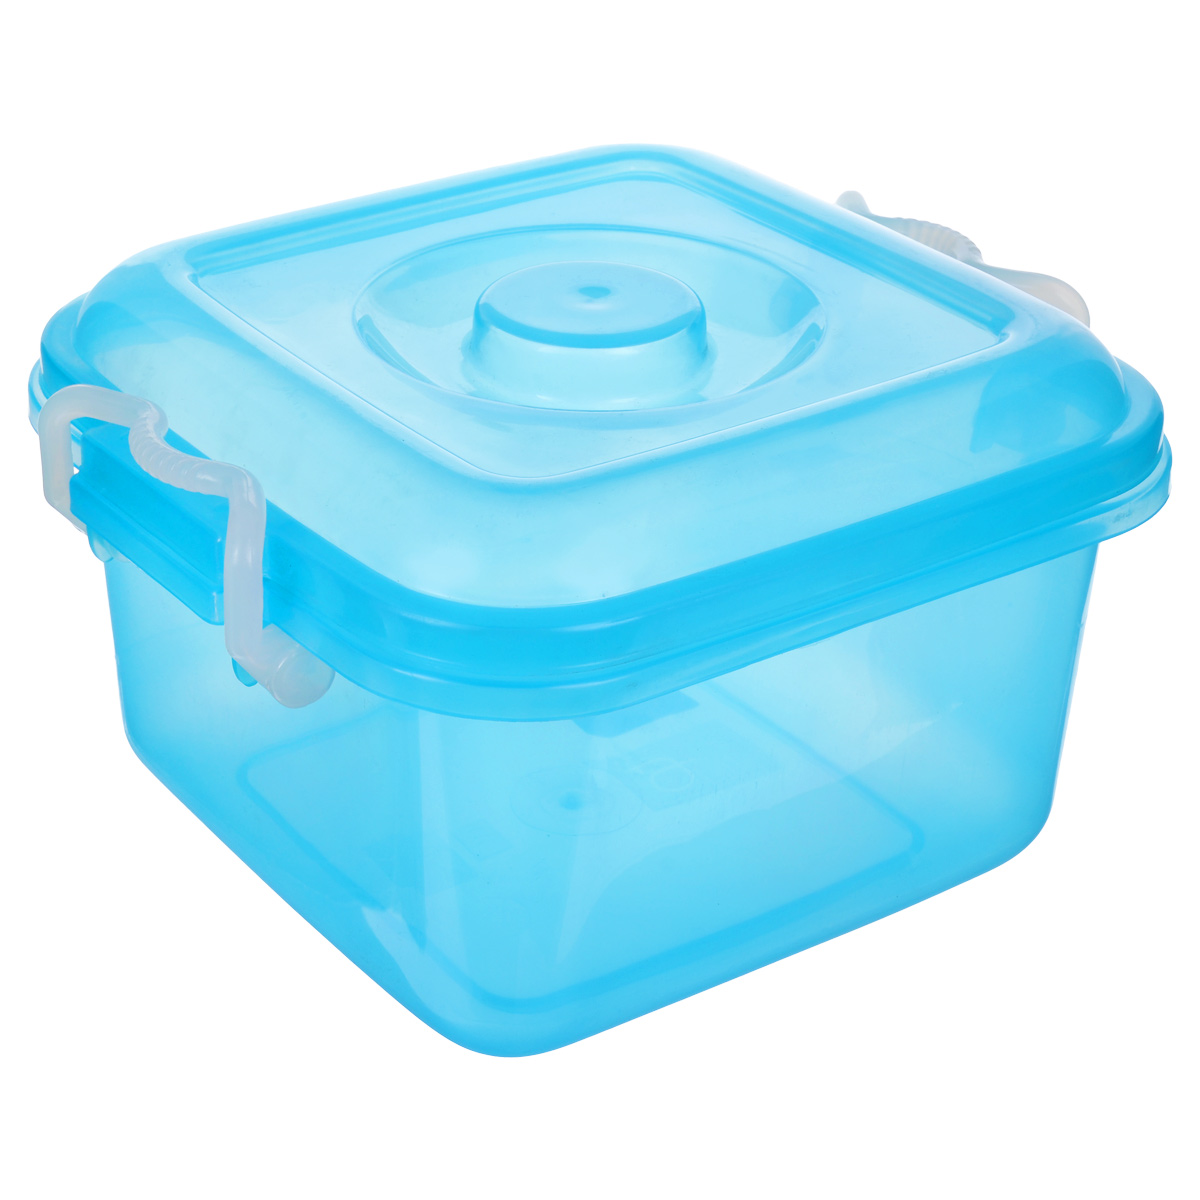 Контейнер для хранения Idea Океаник, цвет: голубой, 6 лPANTERA SPX-2RSКонтейнер Idea Океаник выполнен из полупрозрачного цветного пластика, предназначен для хранения различных вещей и мелких аксессуаров.Контейнер снабжен плотно закрывающейся крышкой со специальными боковыми фиксаторами. Объем контейнера: 6 л.